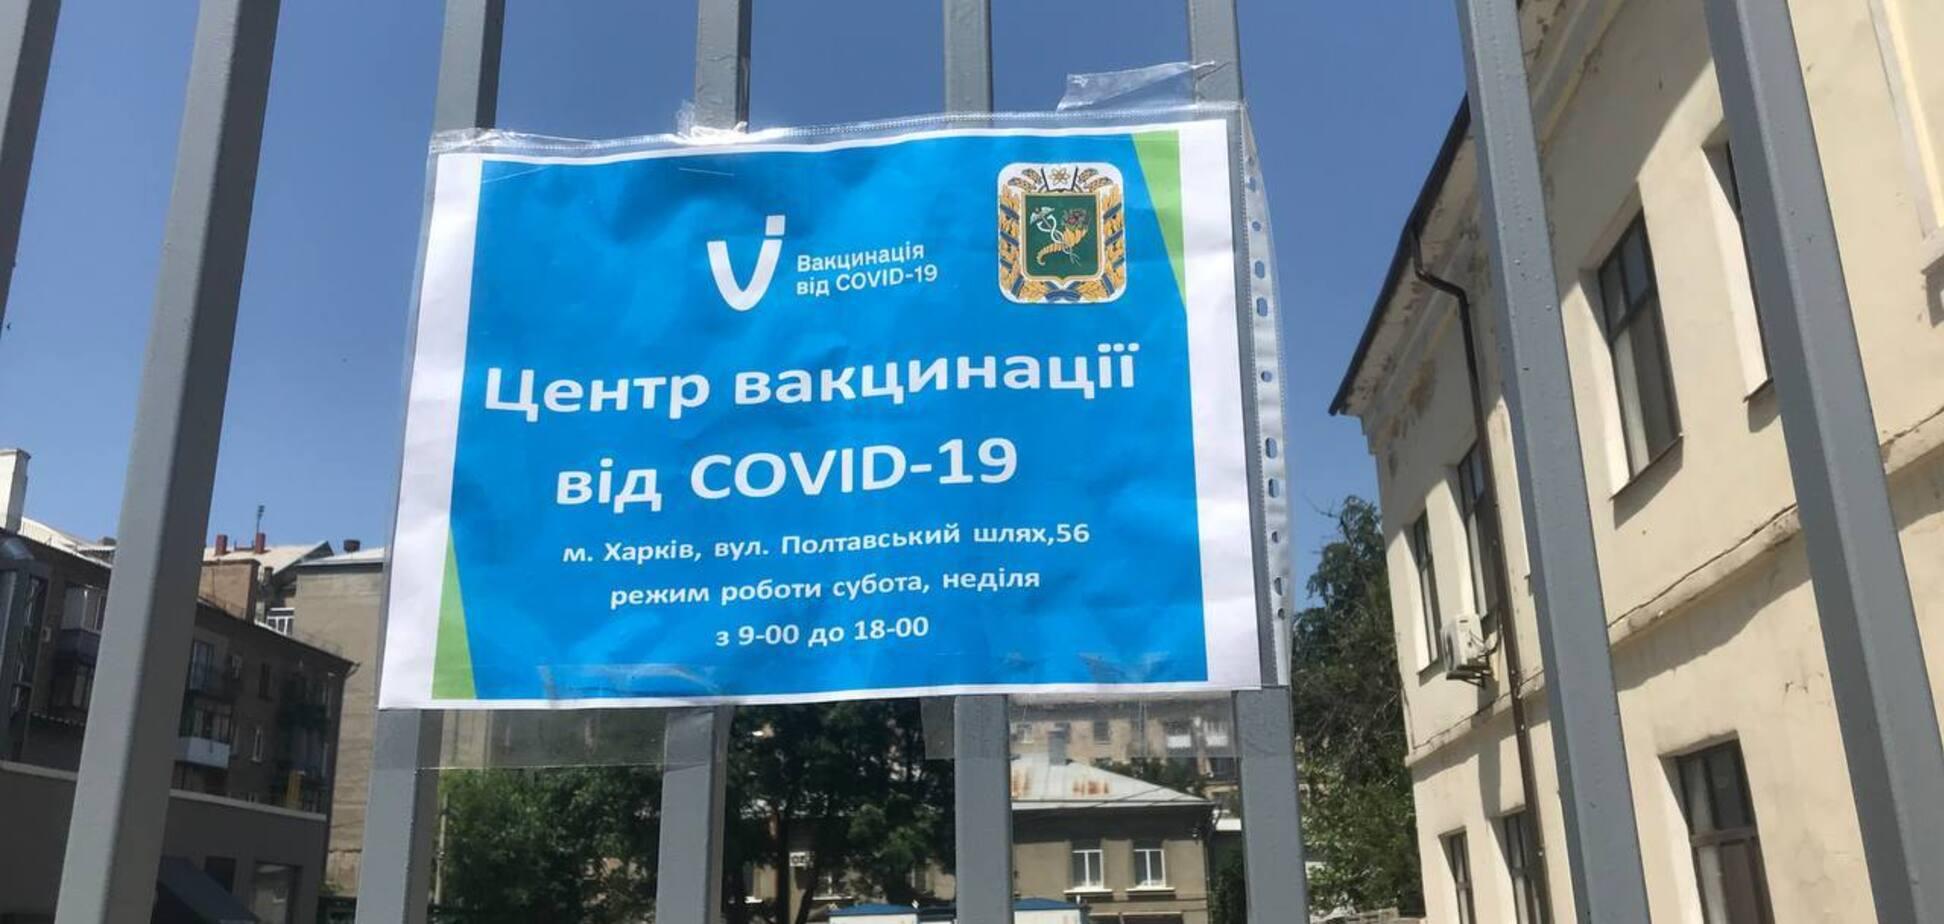 Вакцинация в Харькове и области идет высокими темпами